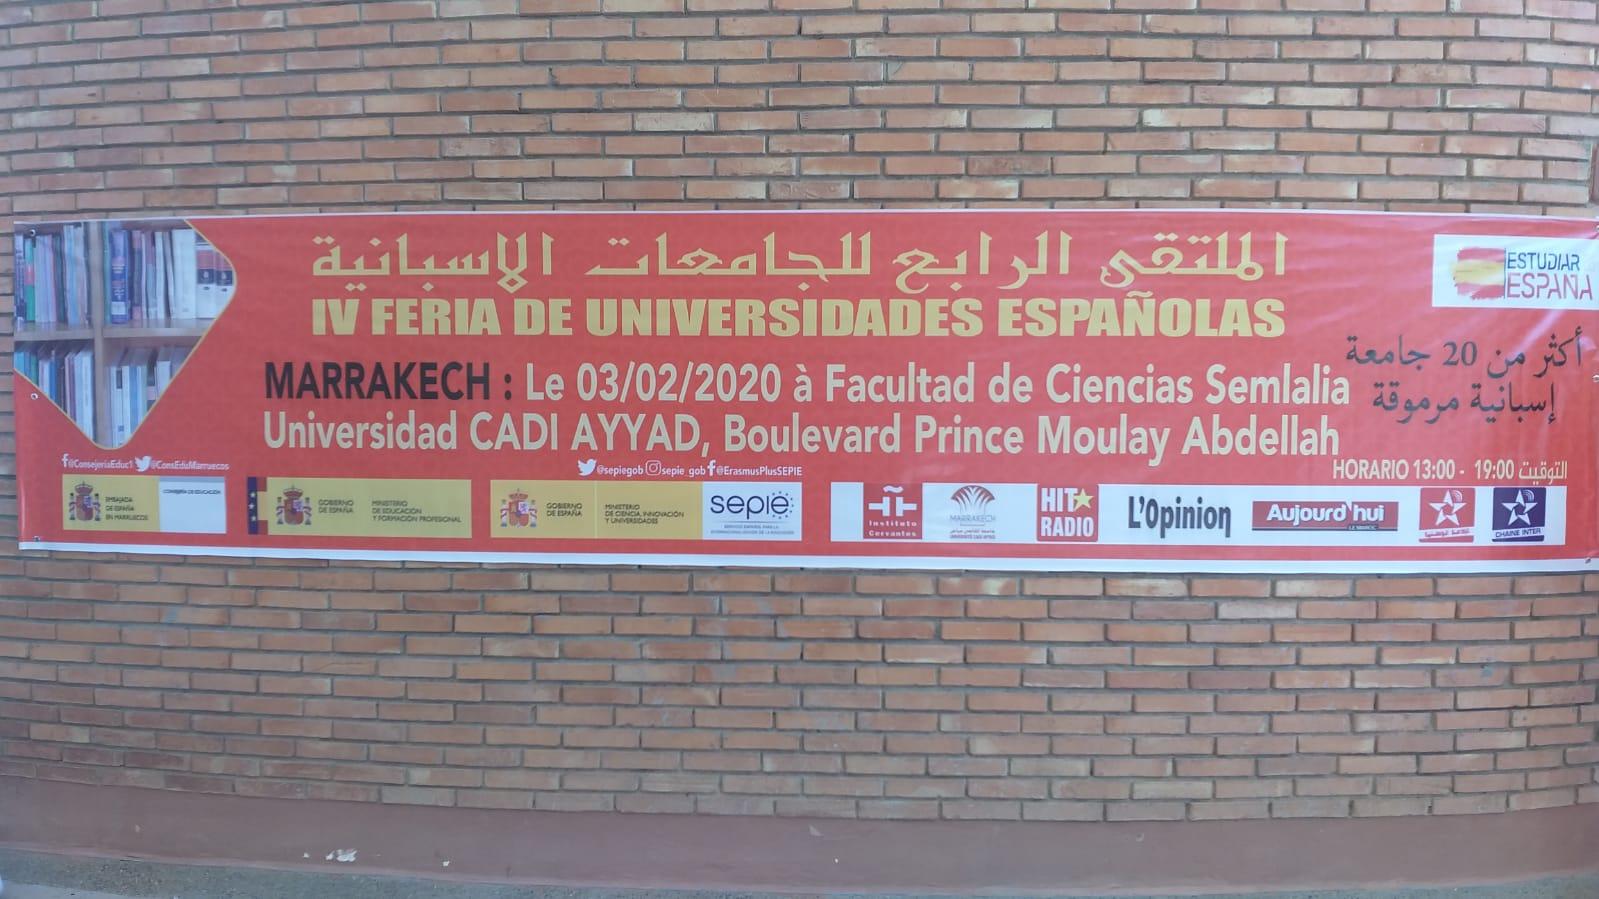 IV Feria de Universidades Españolas